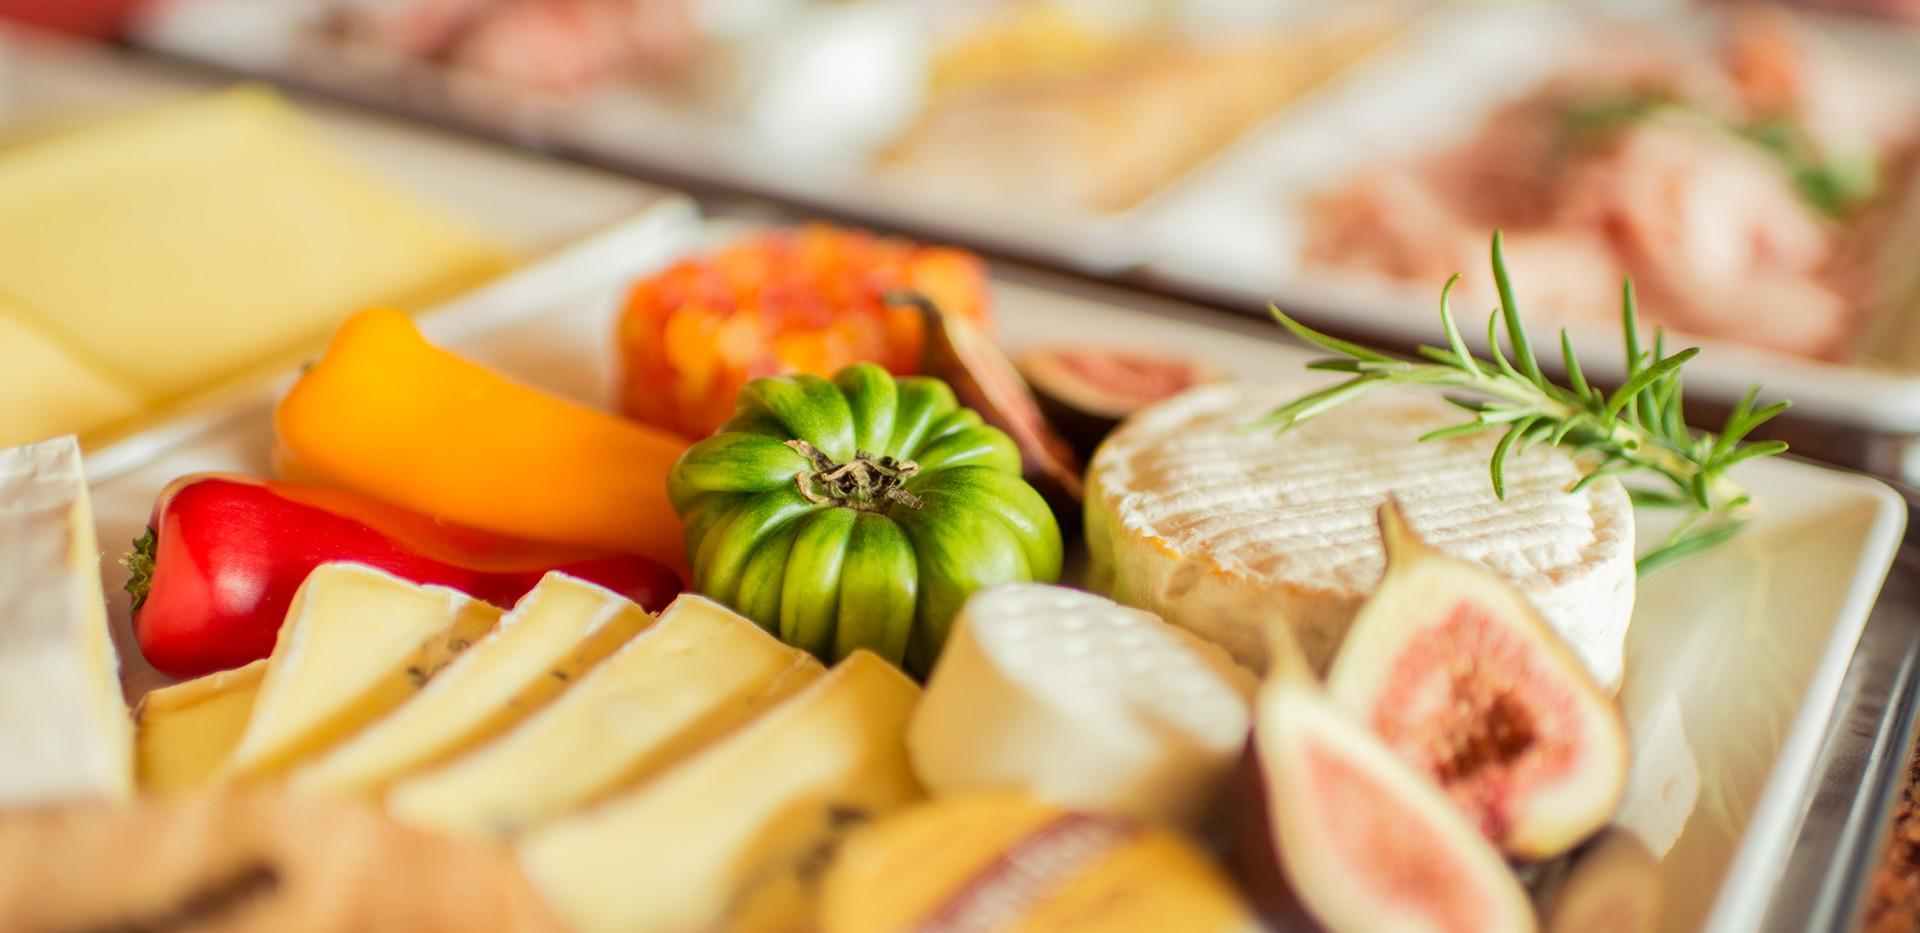 Käseplatte mit Feigen Frühstücks-Manufaktur